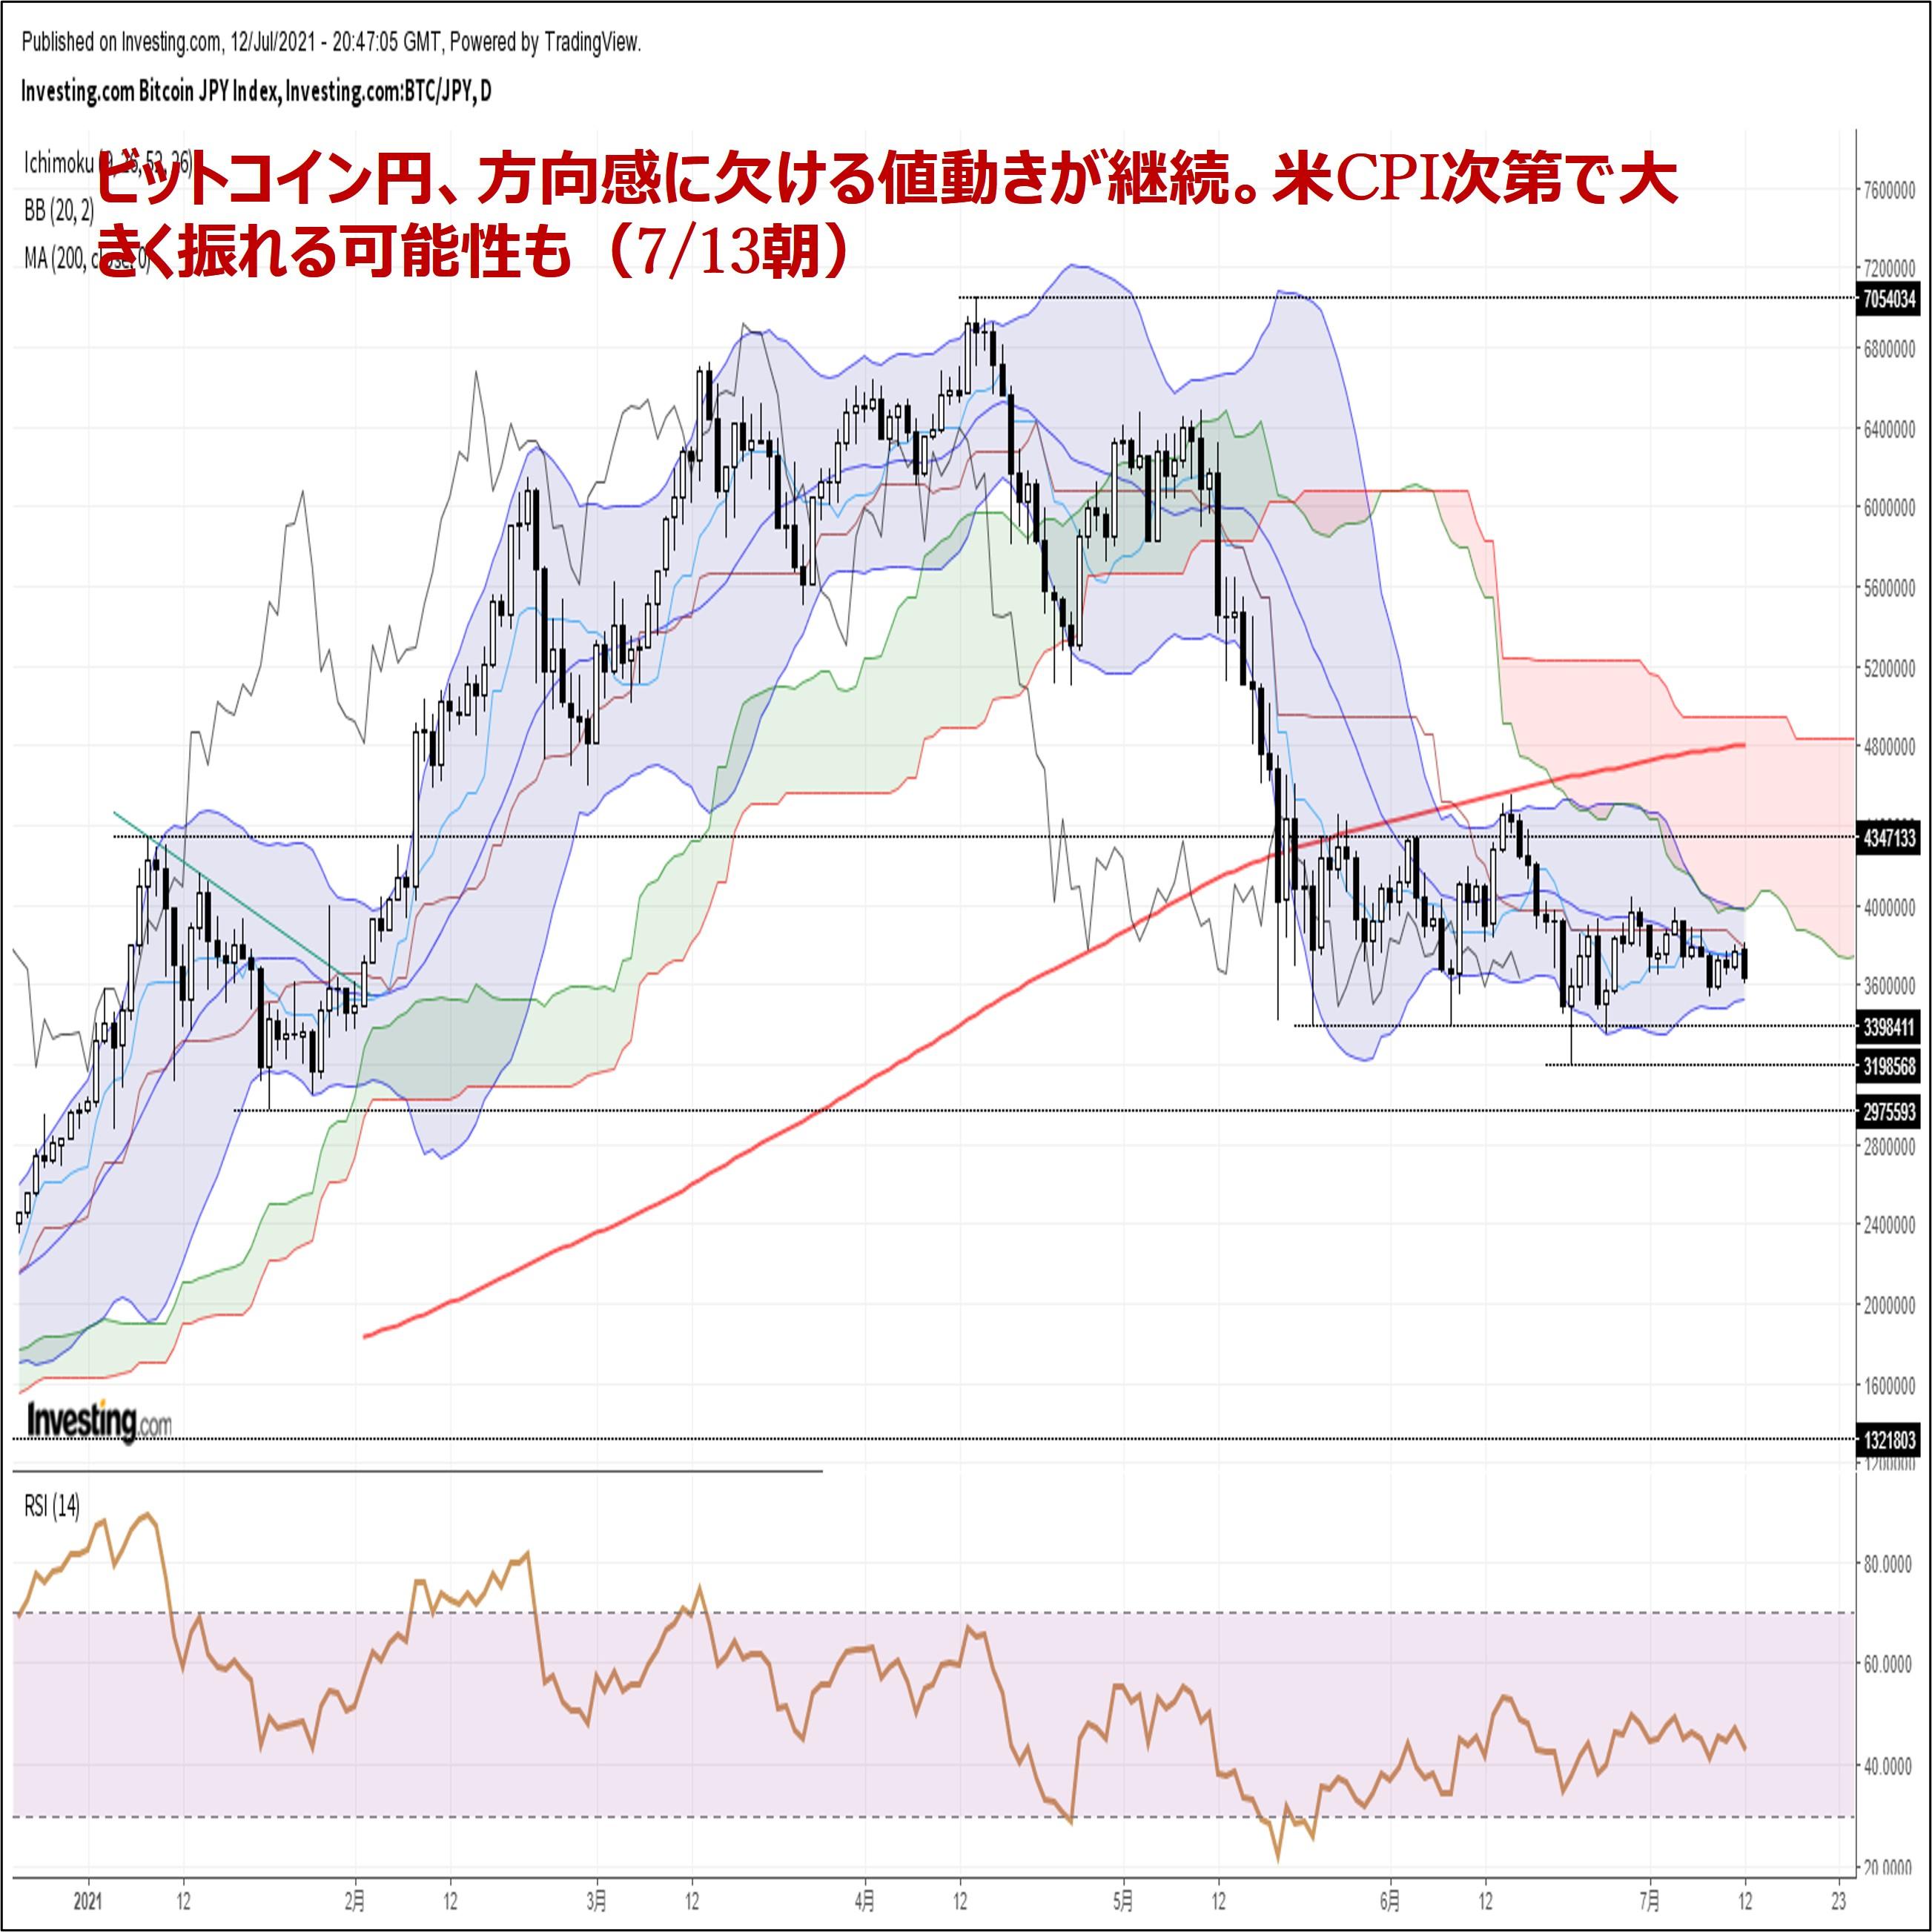 ビットコイン円、方向感に欠ける値動きが継続。米CPI次第で大きく振れる可能性も(7/13朝)